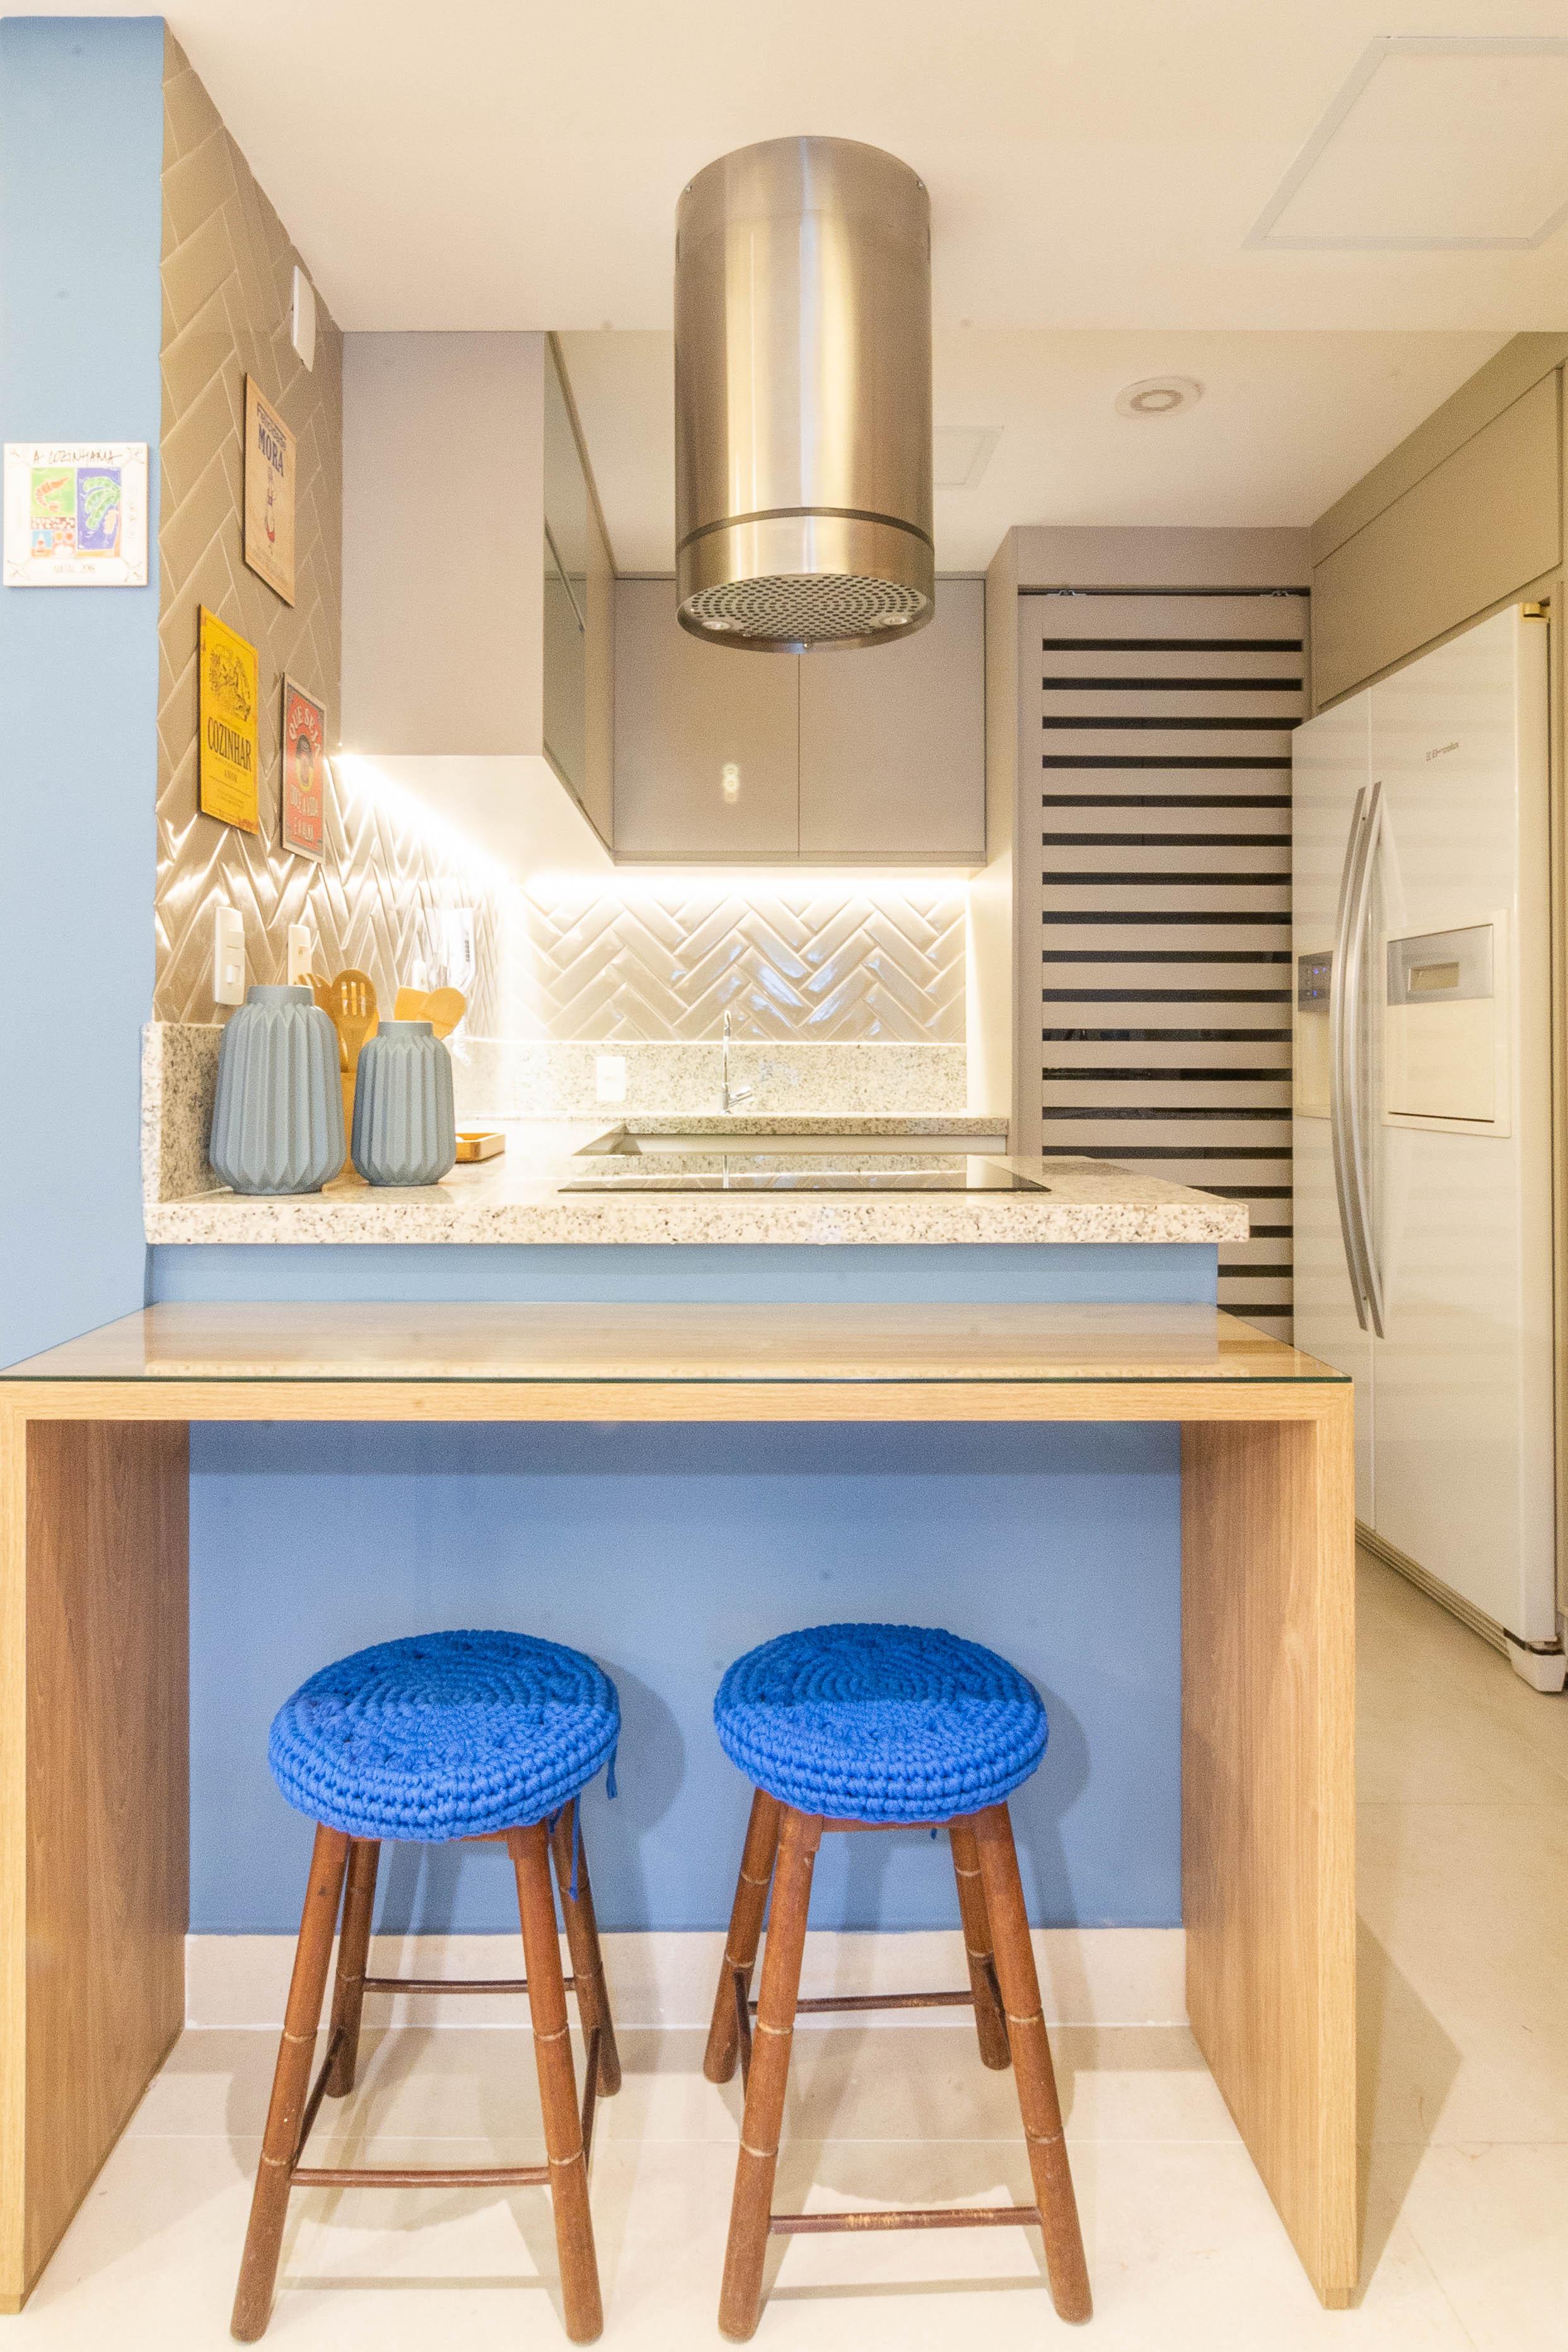 projeto-arquitetonico-luciananilton-duo-arquitetura-apartamentos-praia-012.jpg